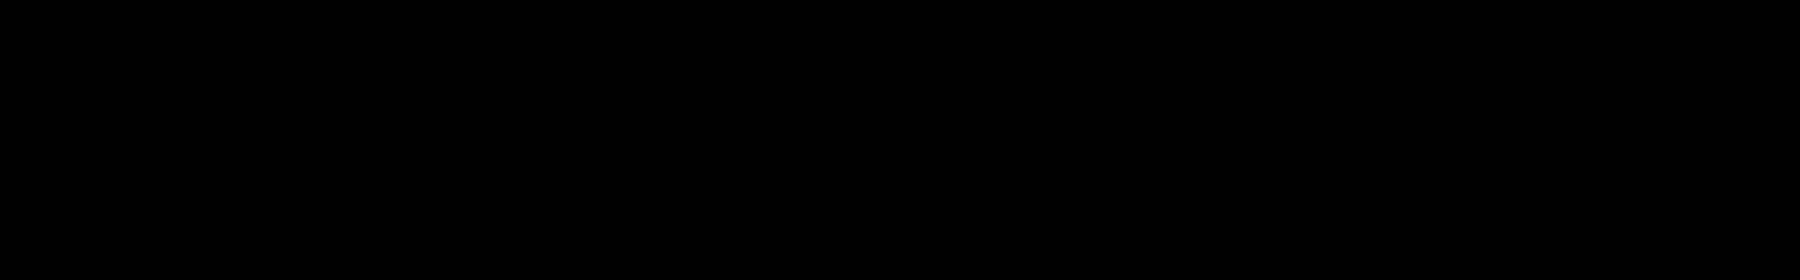 Vocal Hooks - Pink Label audio waveform